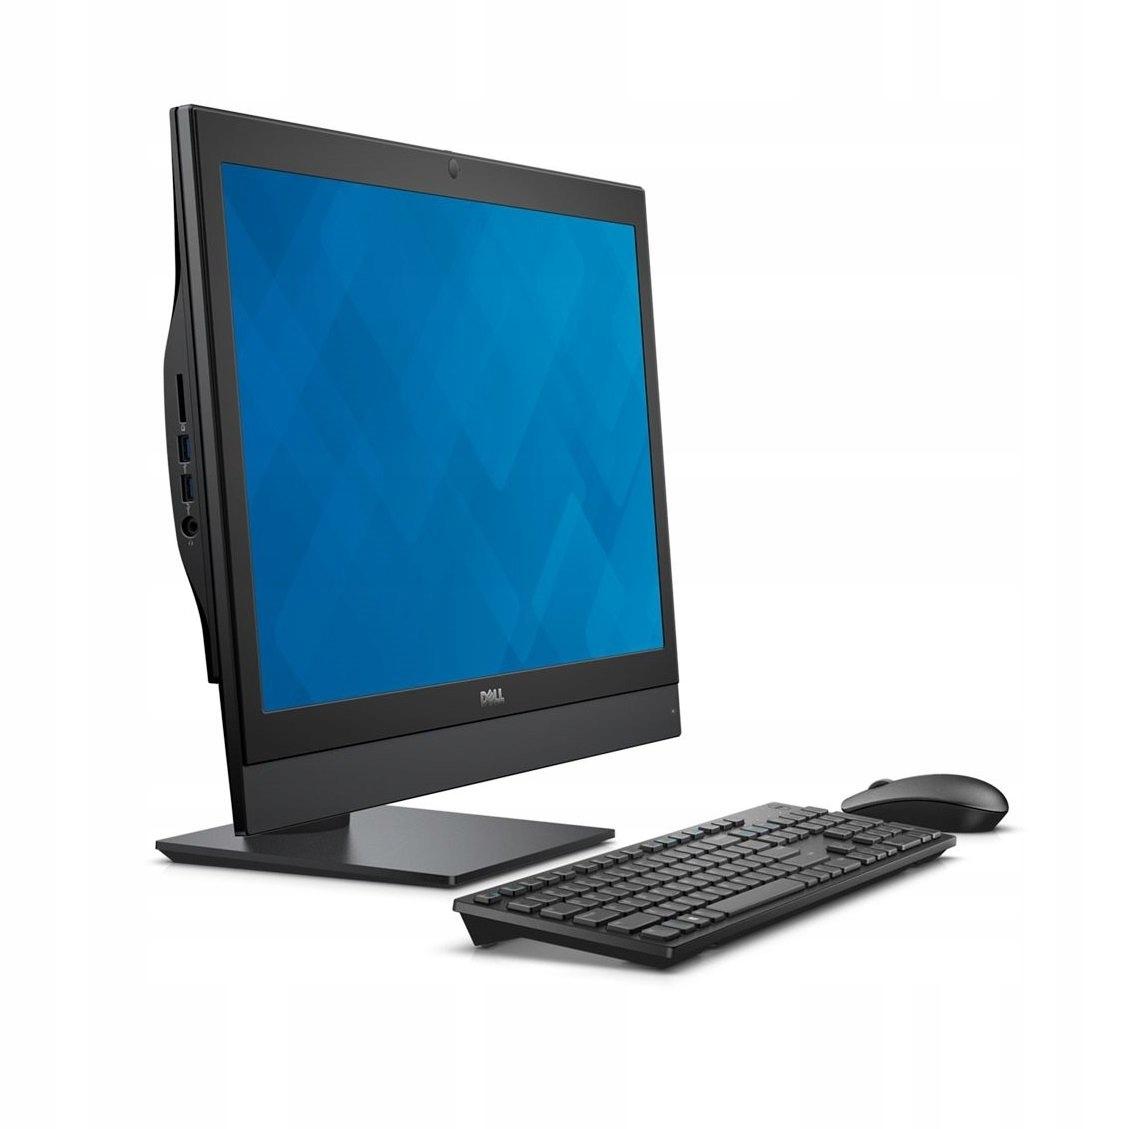 DELL 3240 AIO i3-6100 8GB RAM 128GB SSD W10H REFUB Kod producenta AIO3240